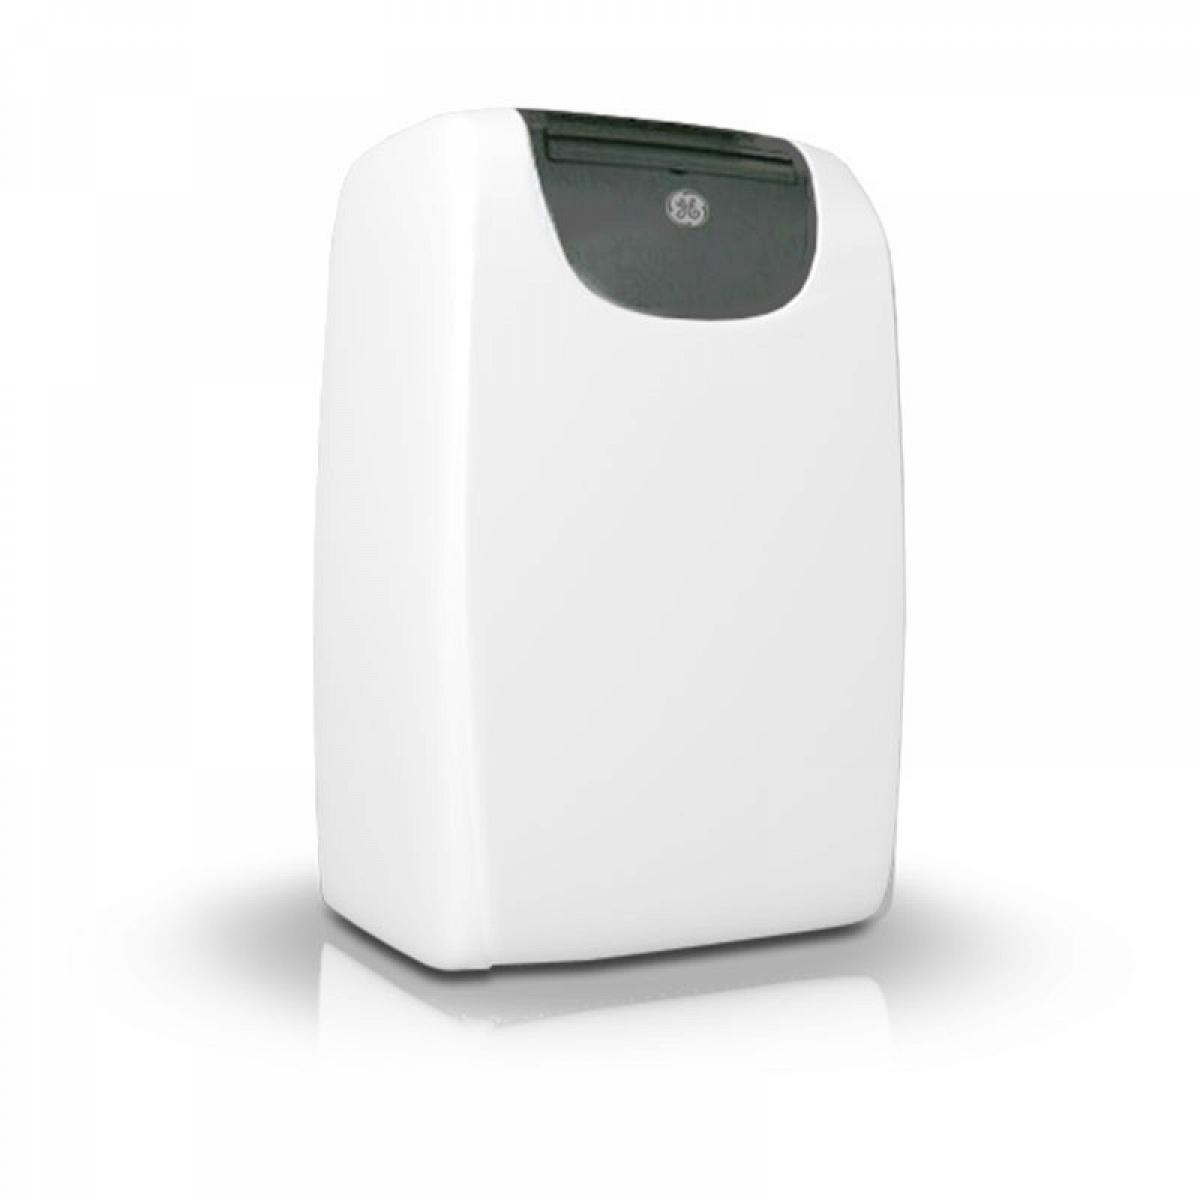 Climatizzatore portatile ge appliances linea freshy gep 09ca - Adattatore finestra condizionatore portatile ...